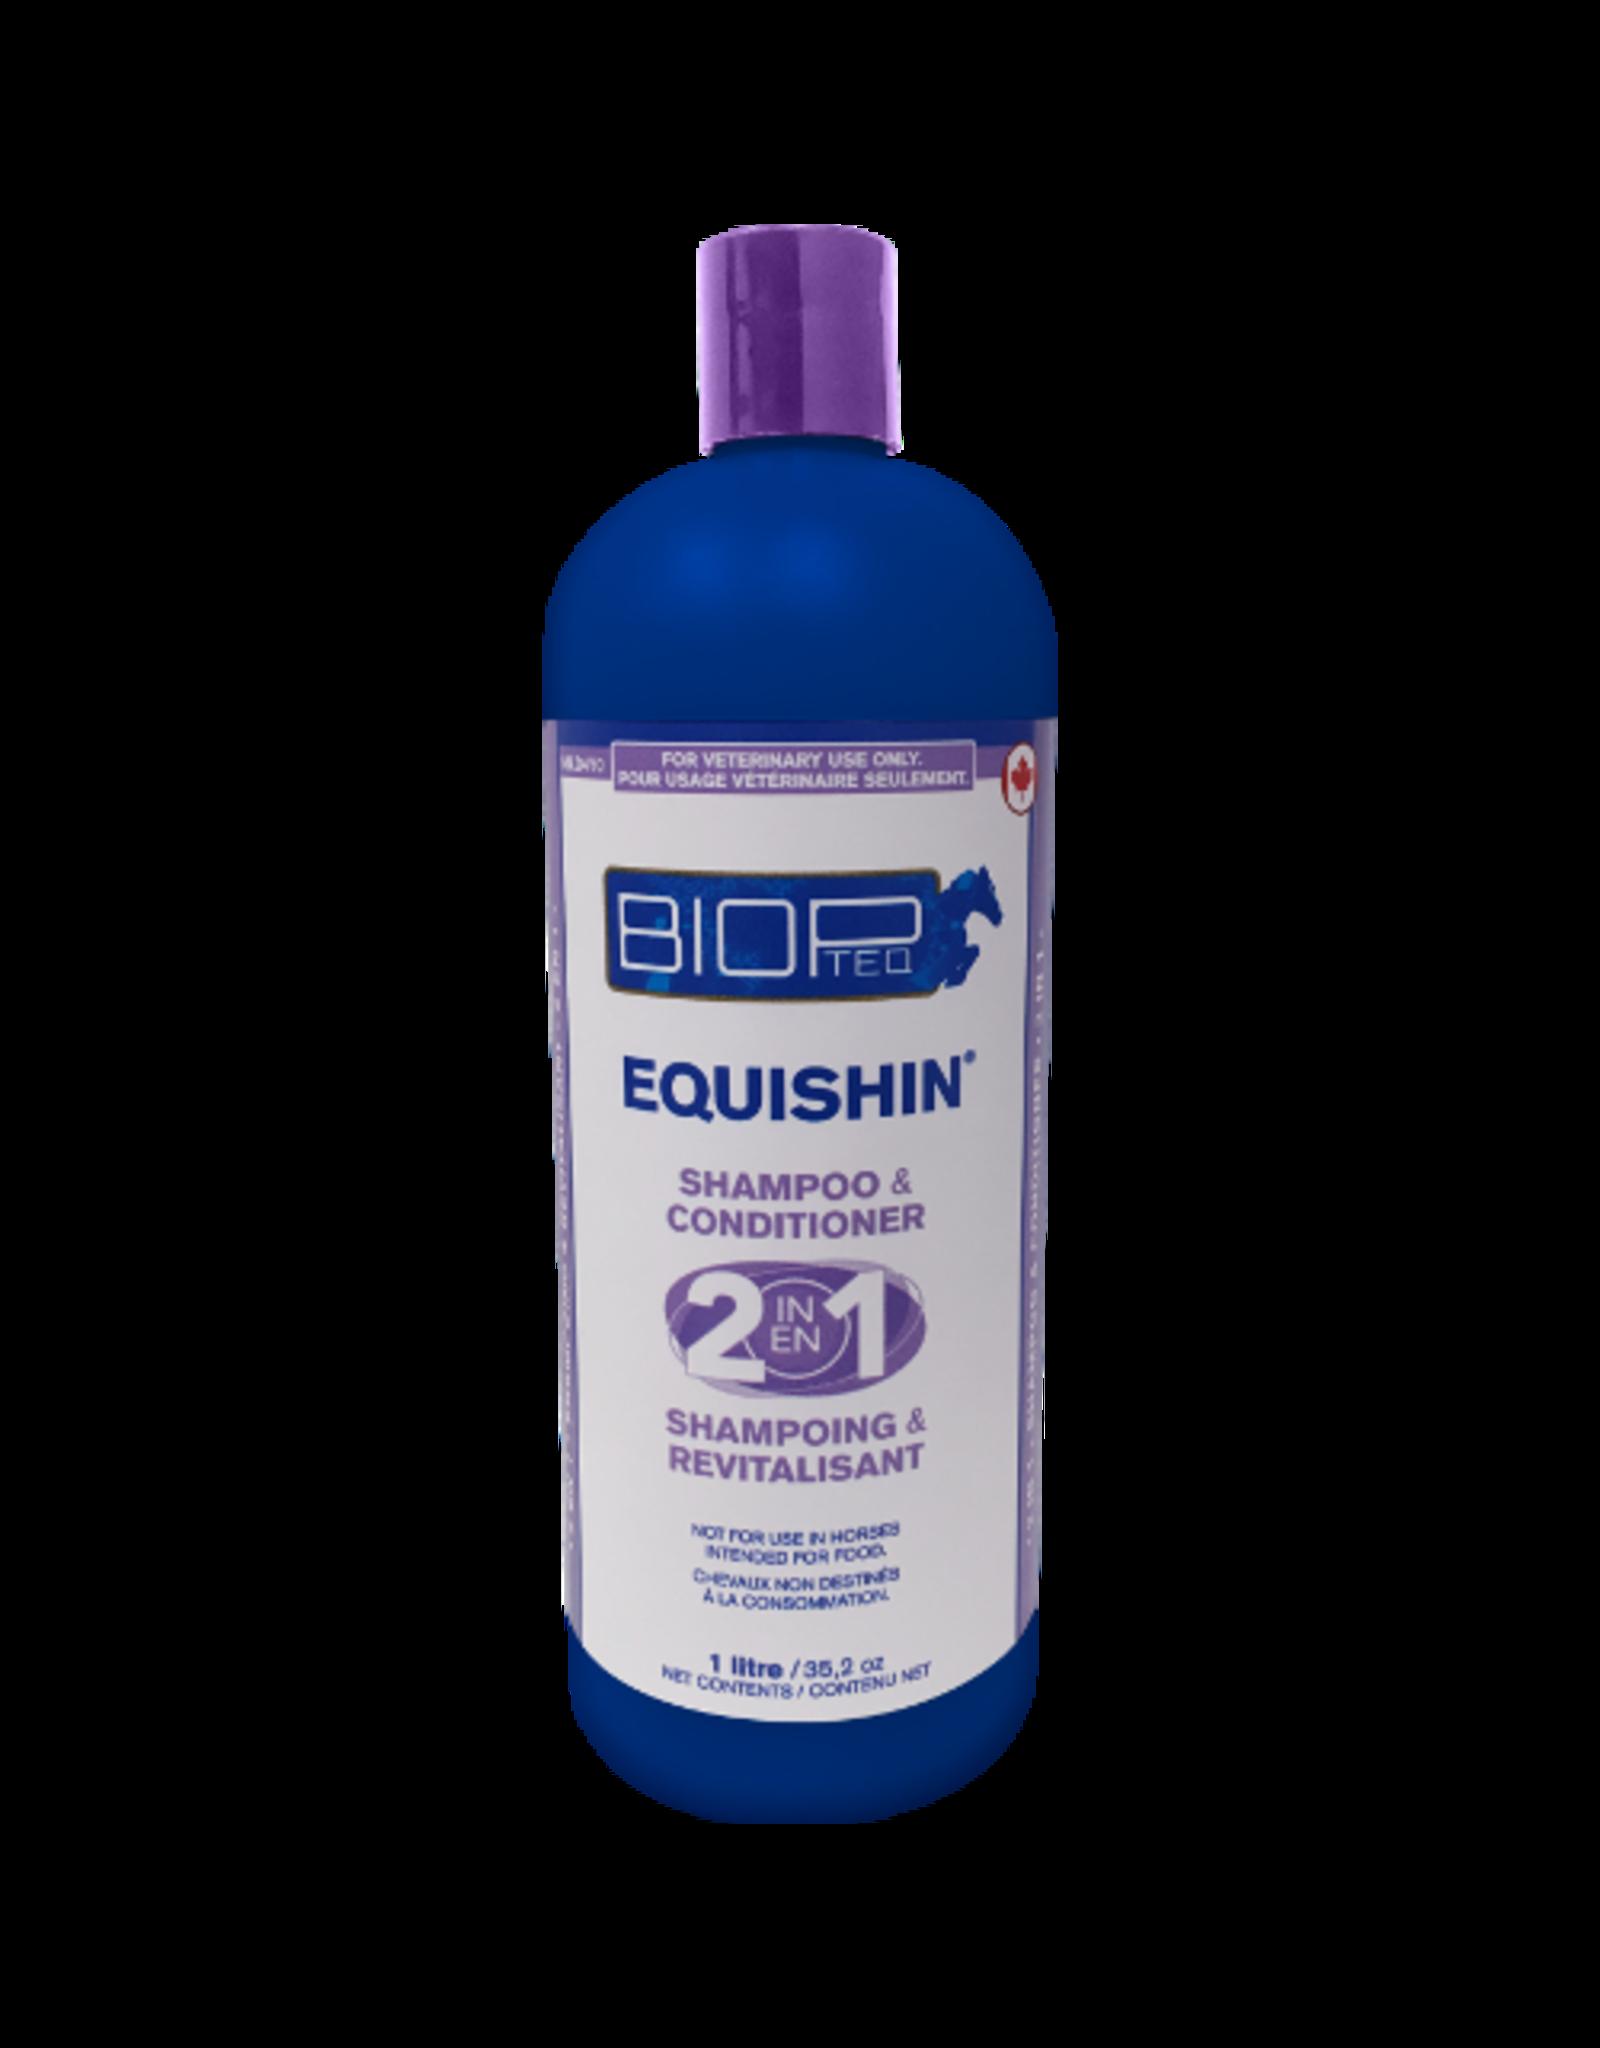 Biopteq Shampoing  Equishin 1 l, Biopteq